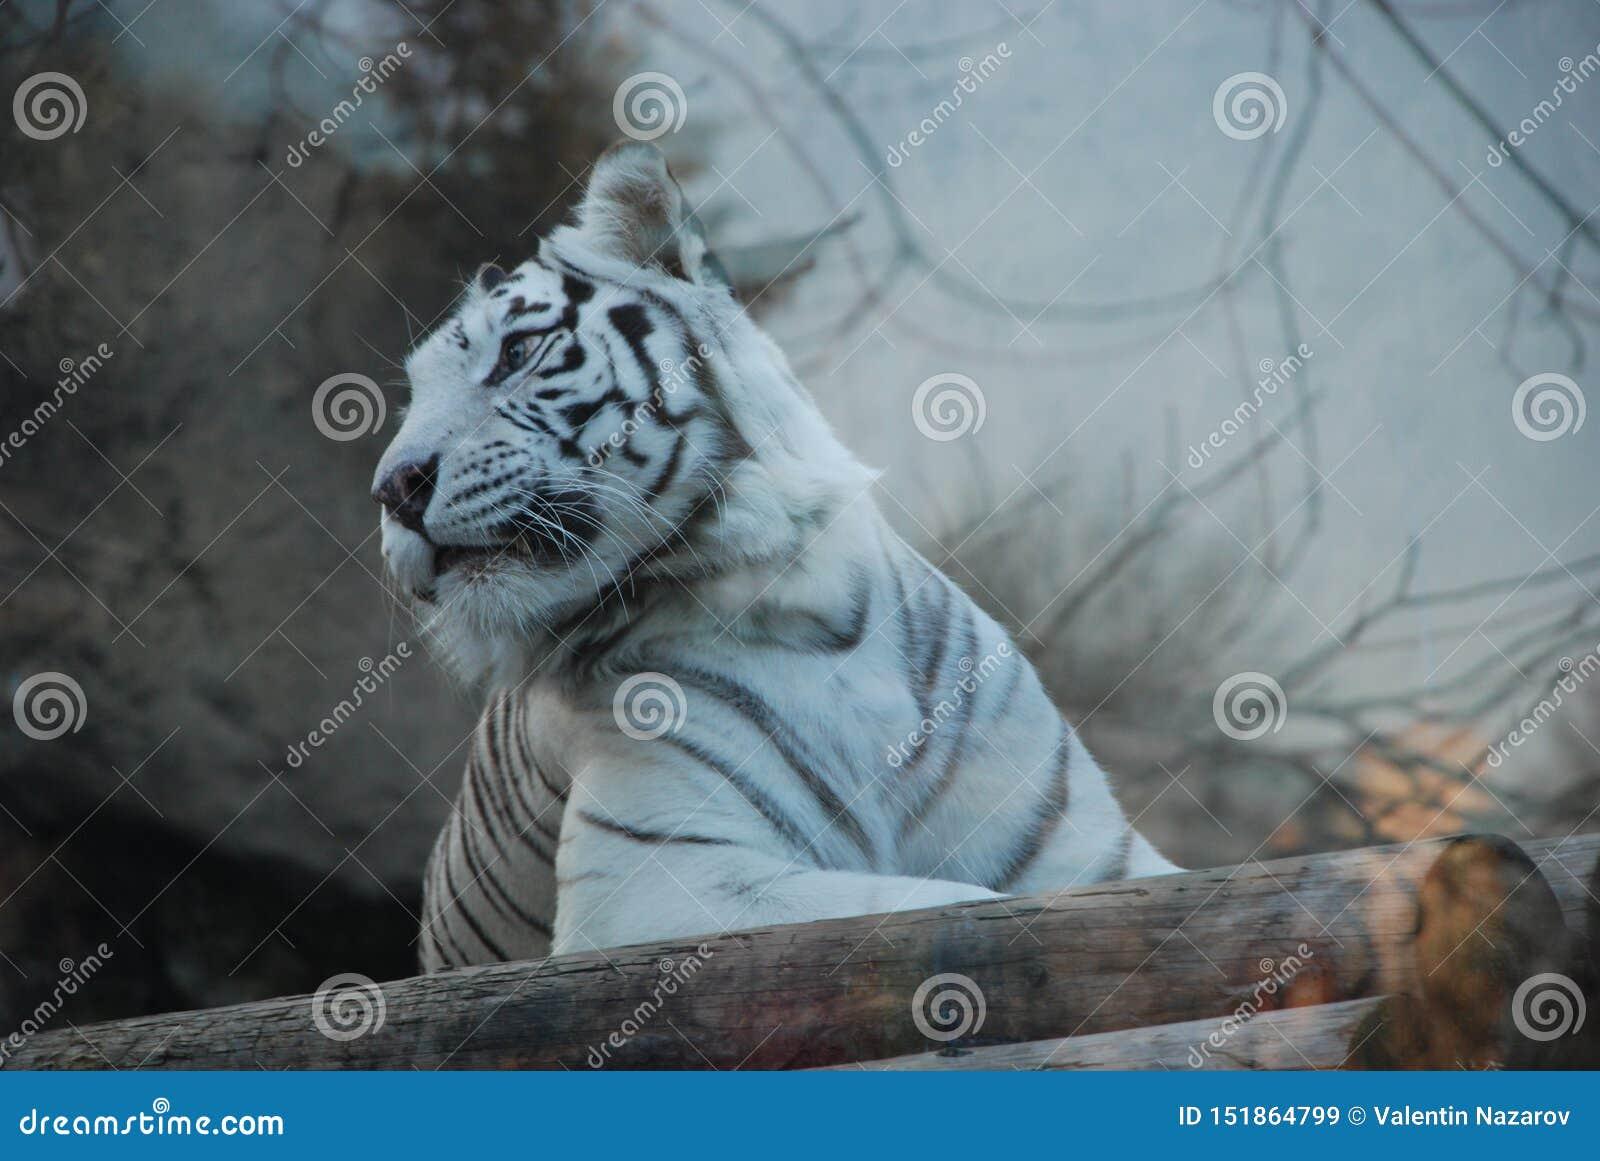 Mooie witte tijger in een dierentuin van Moskou